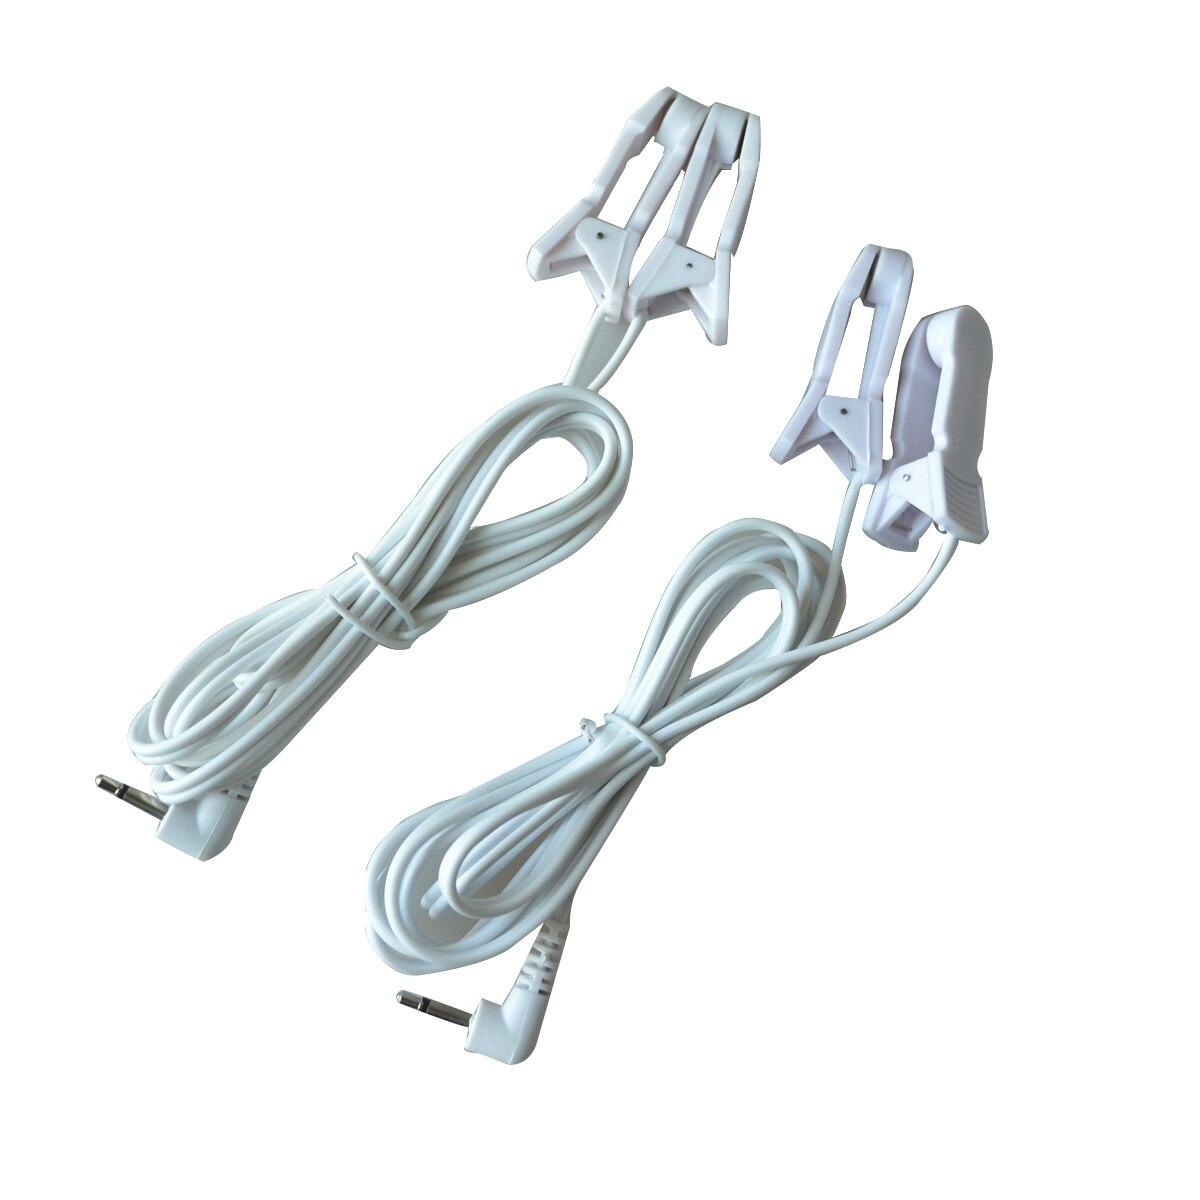 50 Pz/lotto Elettrodo Cavo Cavi Con 2 Clip Orecchio Connnecting DECINE/EMS Massager di Terapia Macchina Digitale Con 2.5/3.5mm Spina